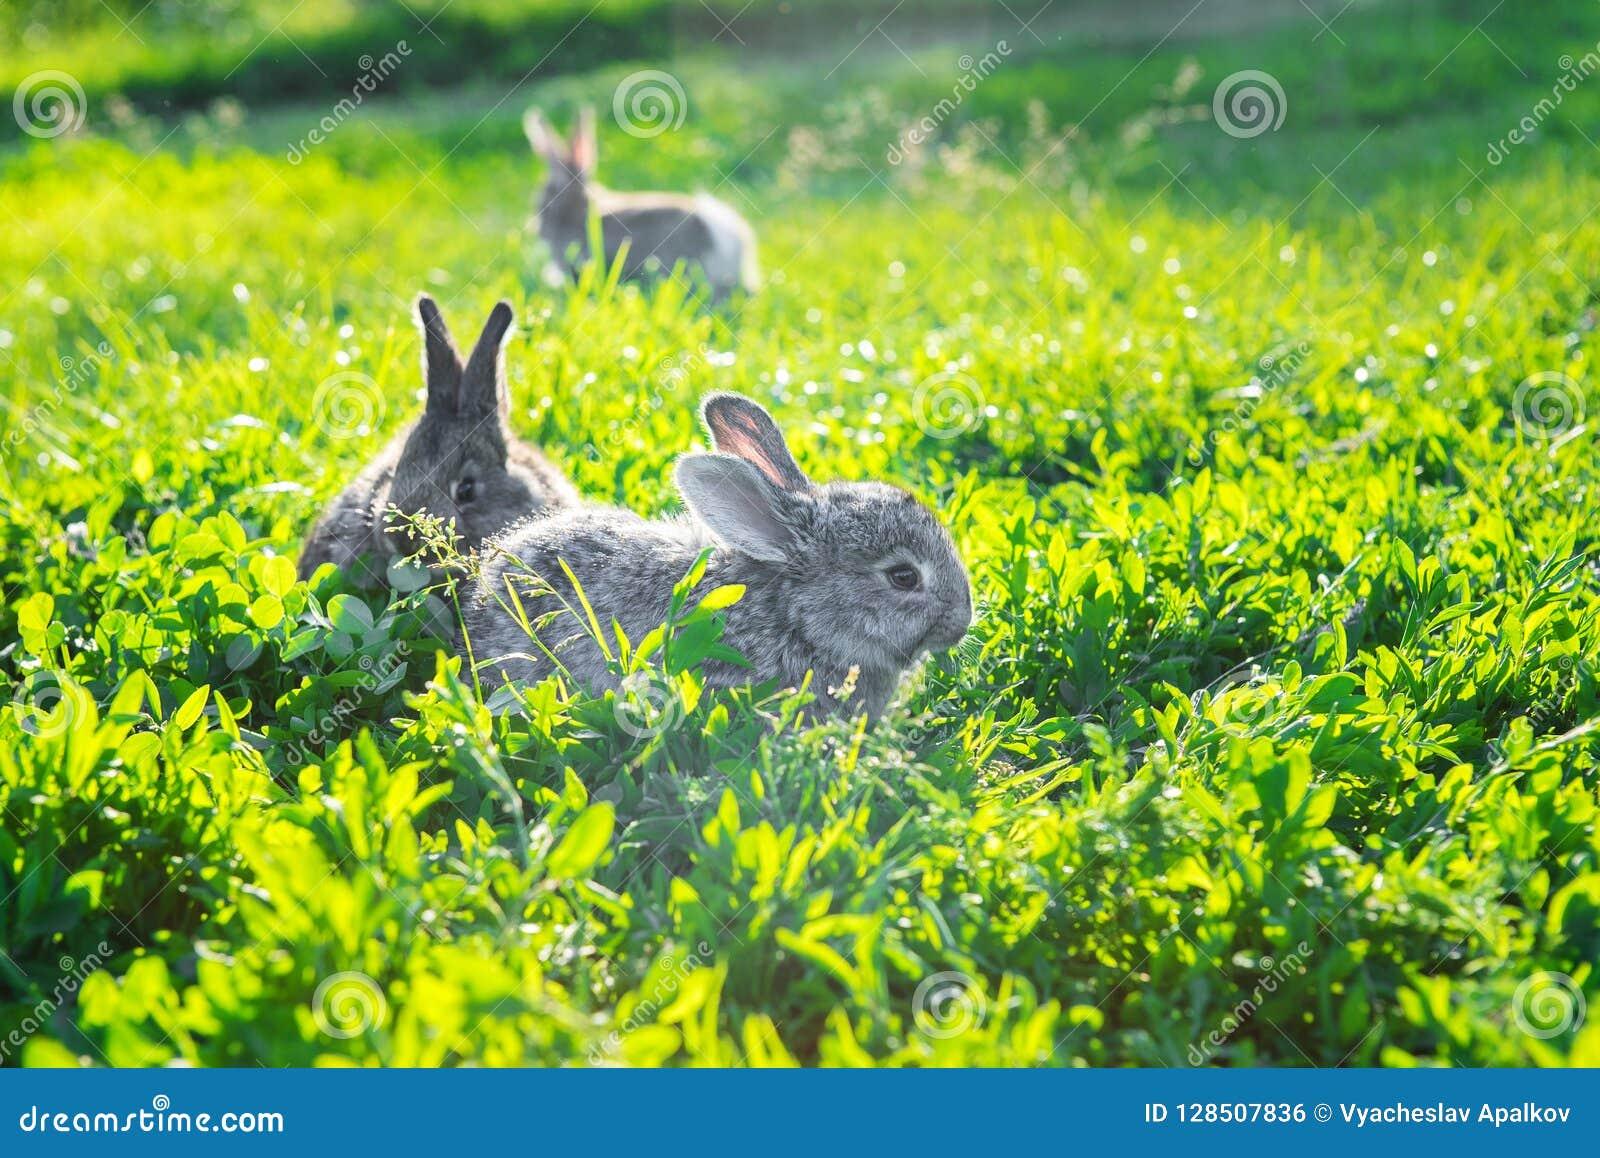 探索晴朗的草的束灰色兔子